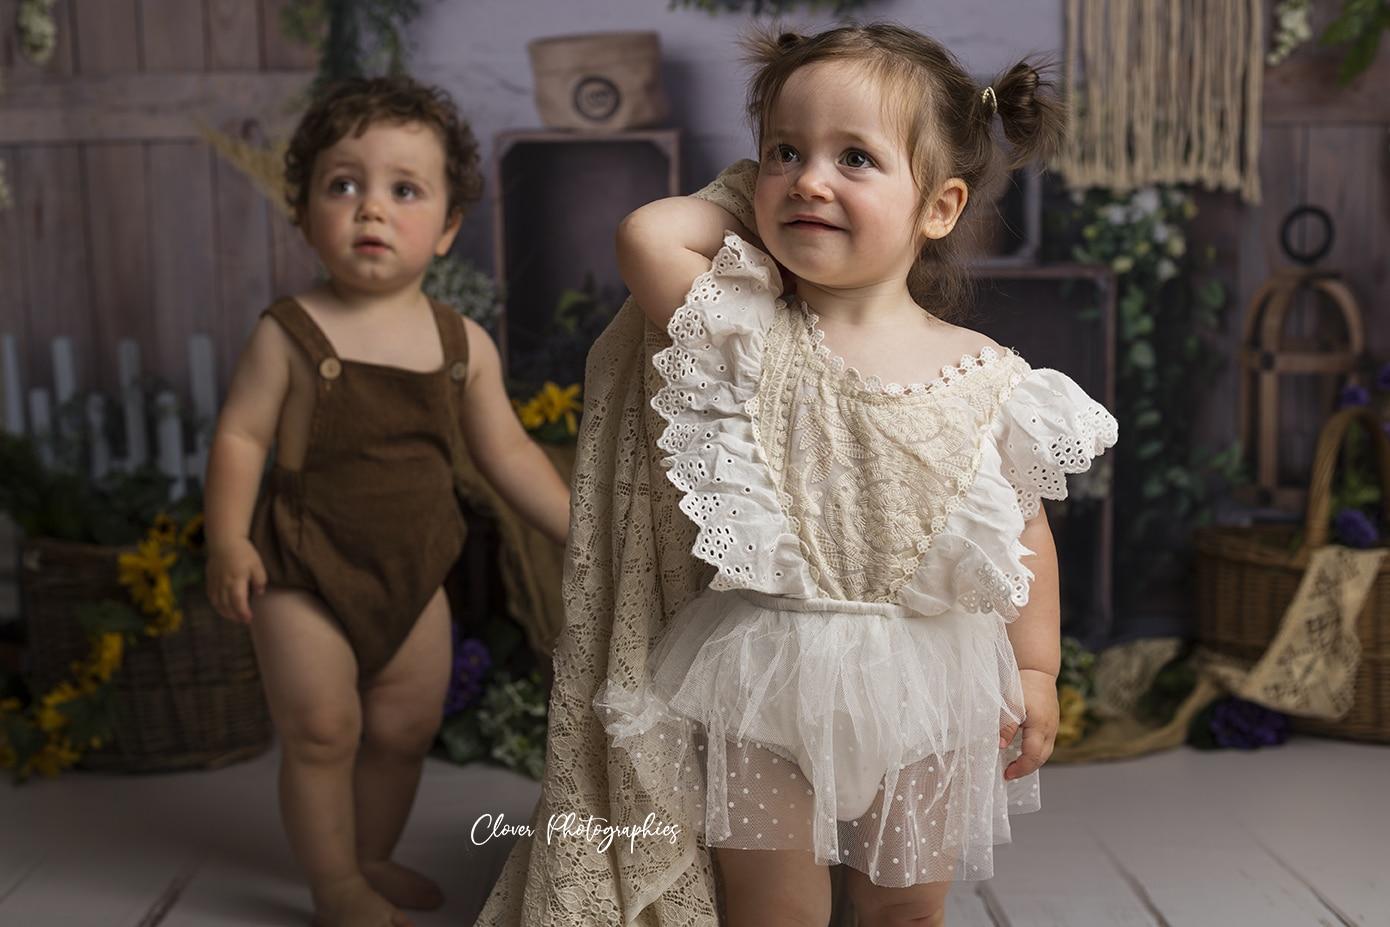 photo nouveau-né, photo bébé, photos enfant, portrait enfant - Clover photographies Strasbourg Sarrebourg